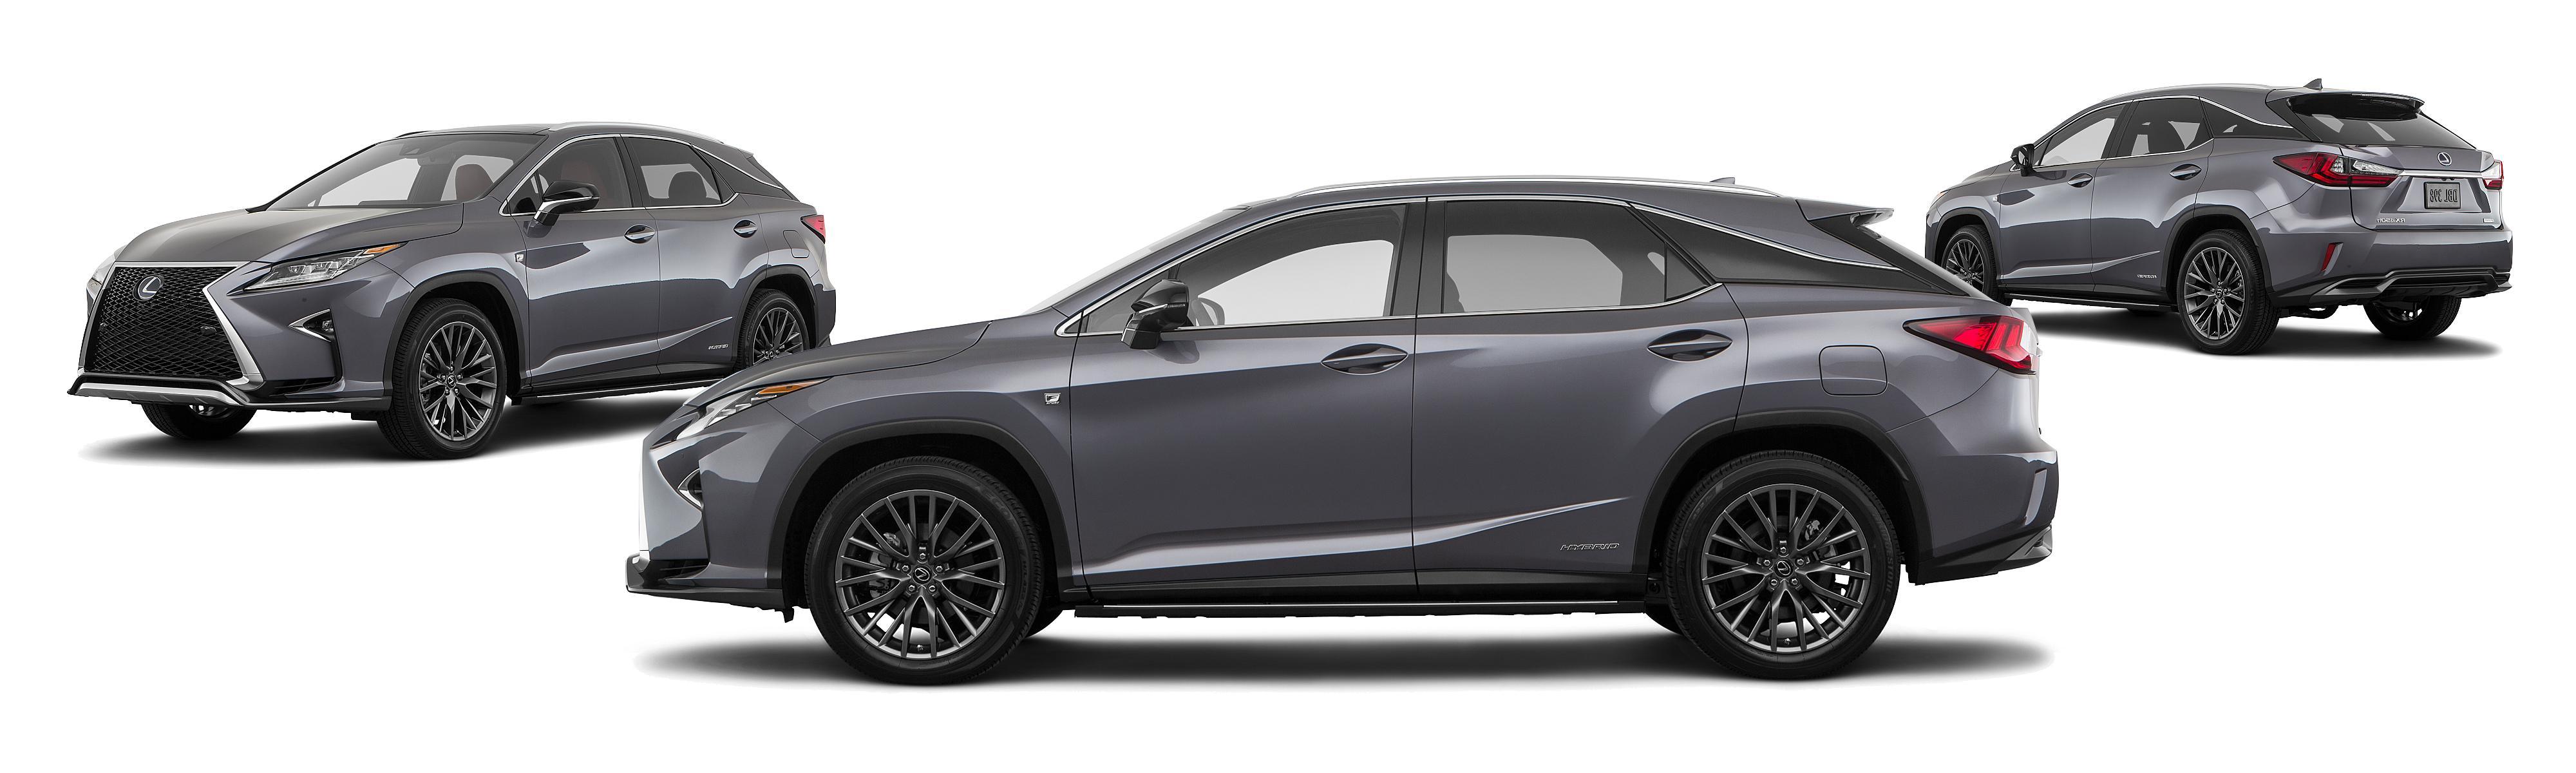 autoform vehicles awd hybrid vancouver lease rx lexus